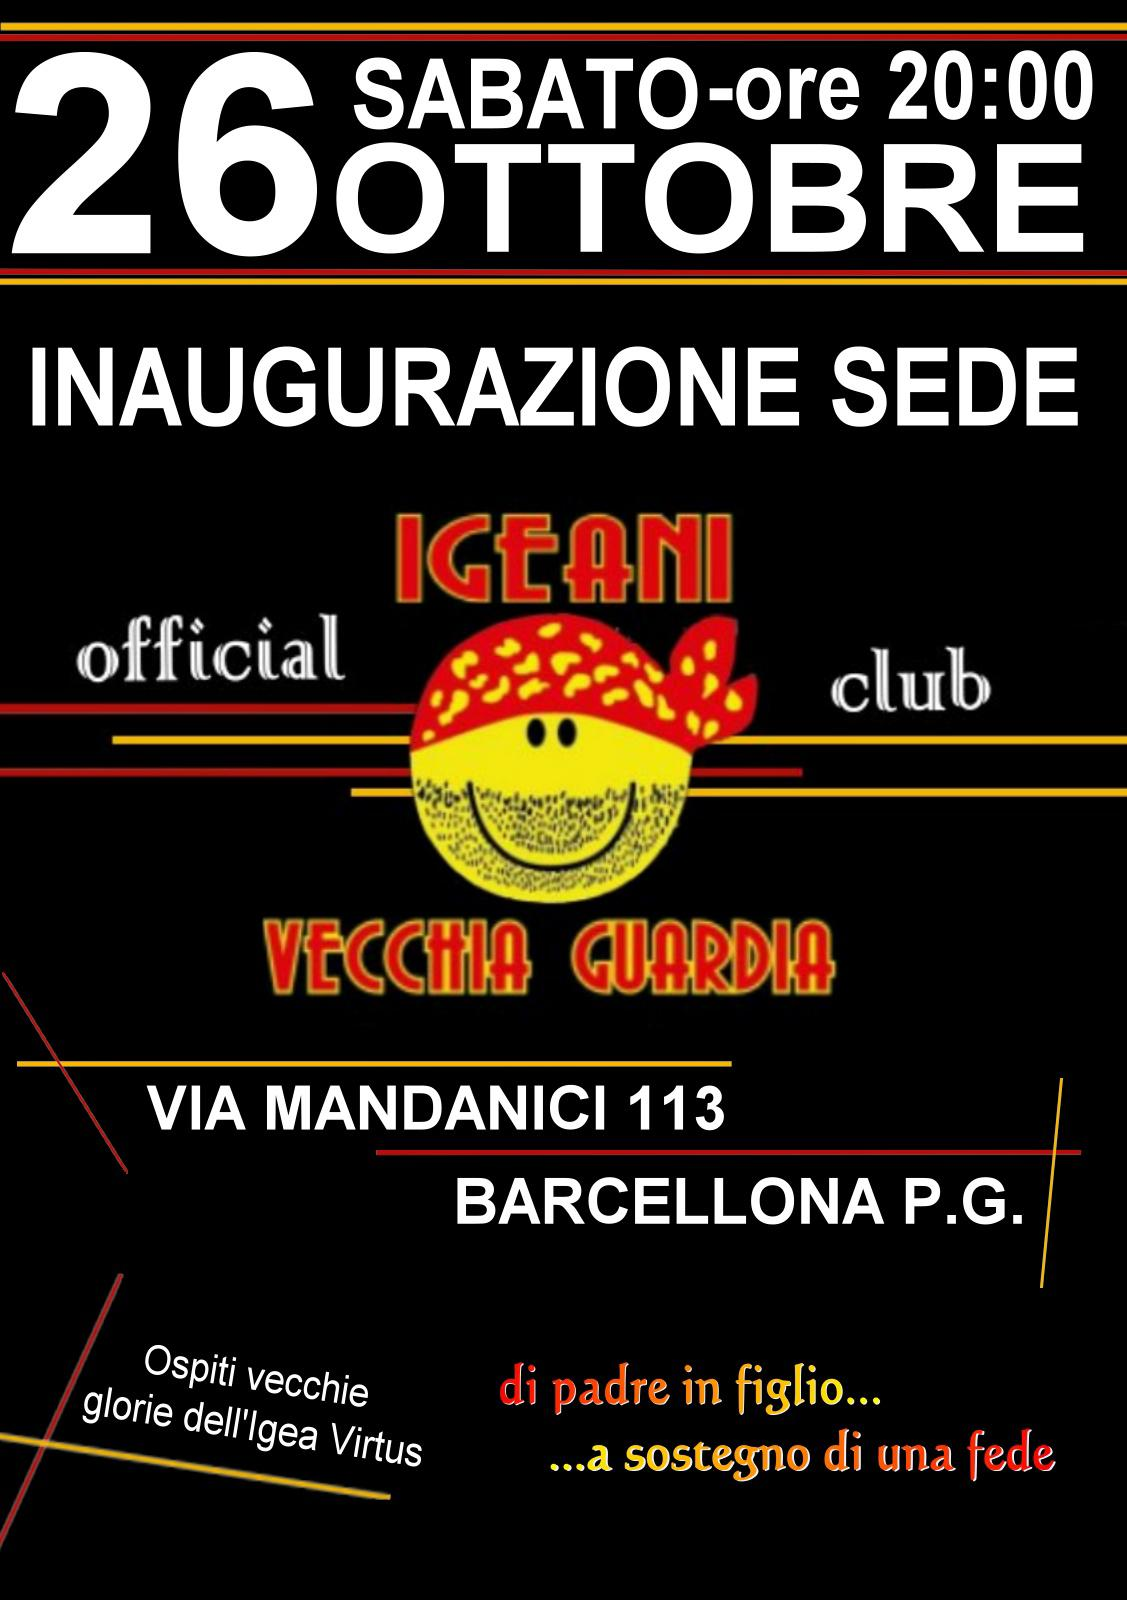 """Barcellona PG. Club Igeani Vecchia Guardia, inaugurano la propria 'casa giallorossa': """"Via ad avventura di sport e sociale"""""""